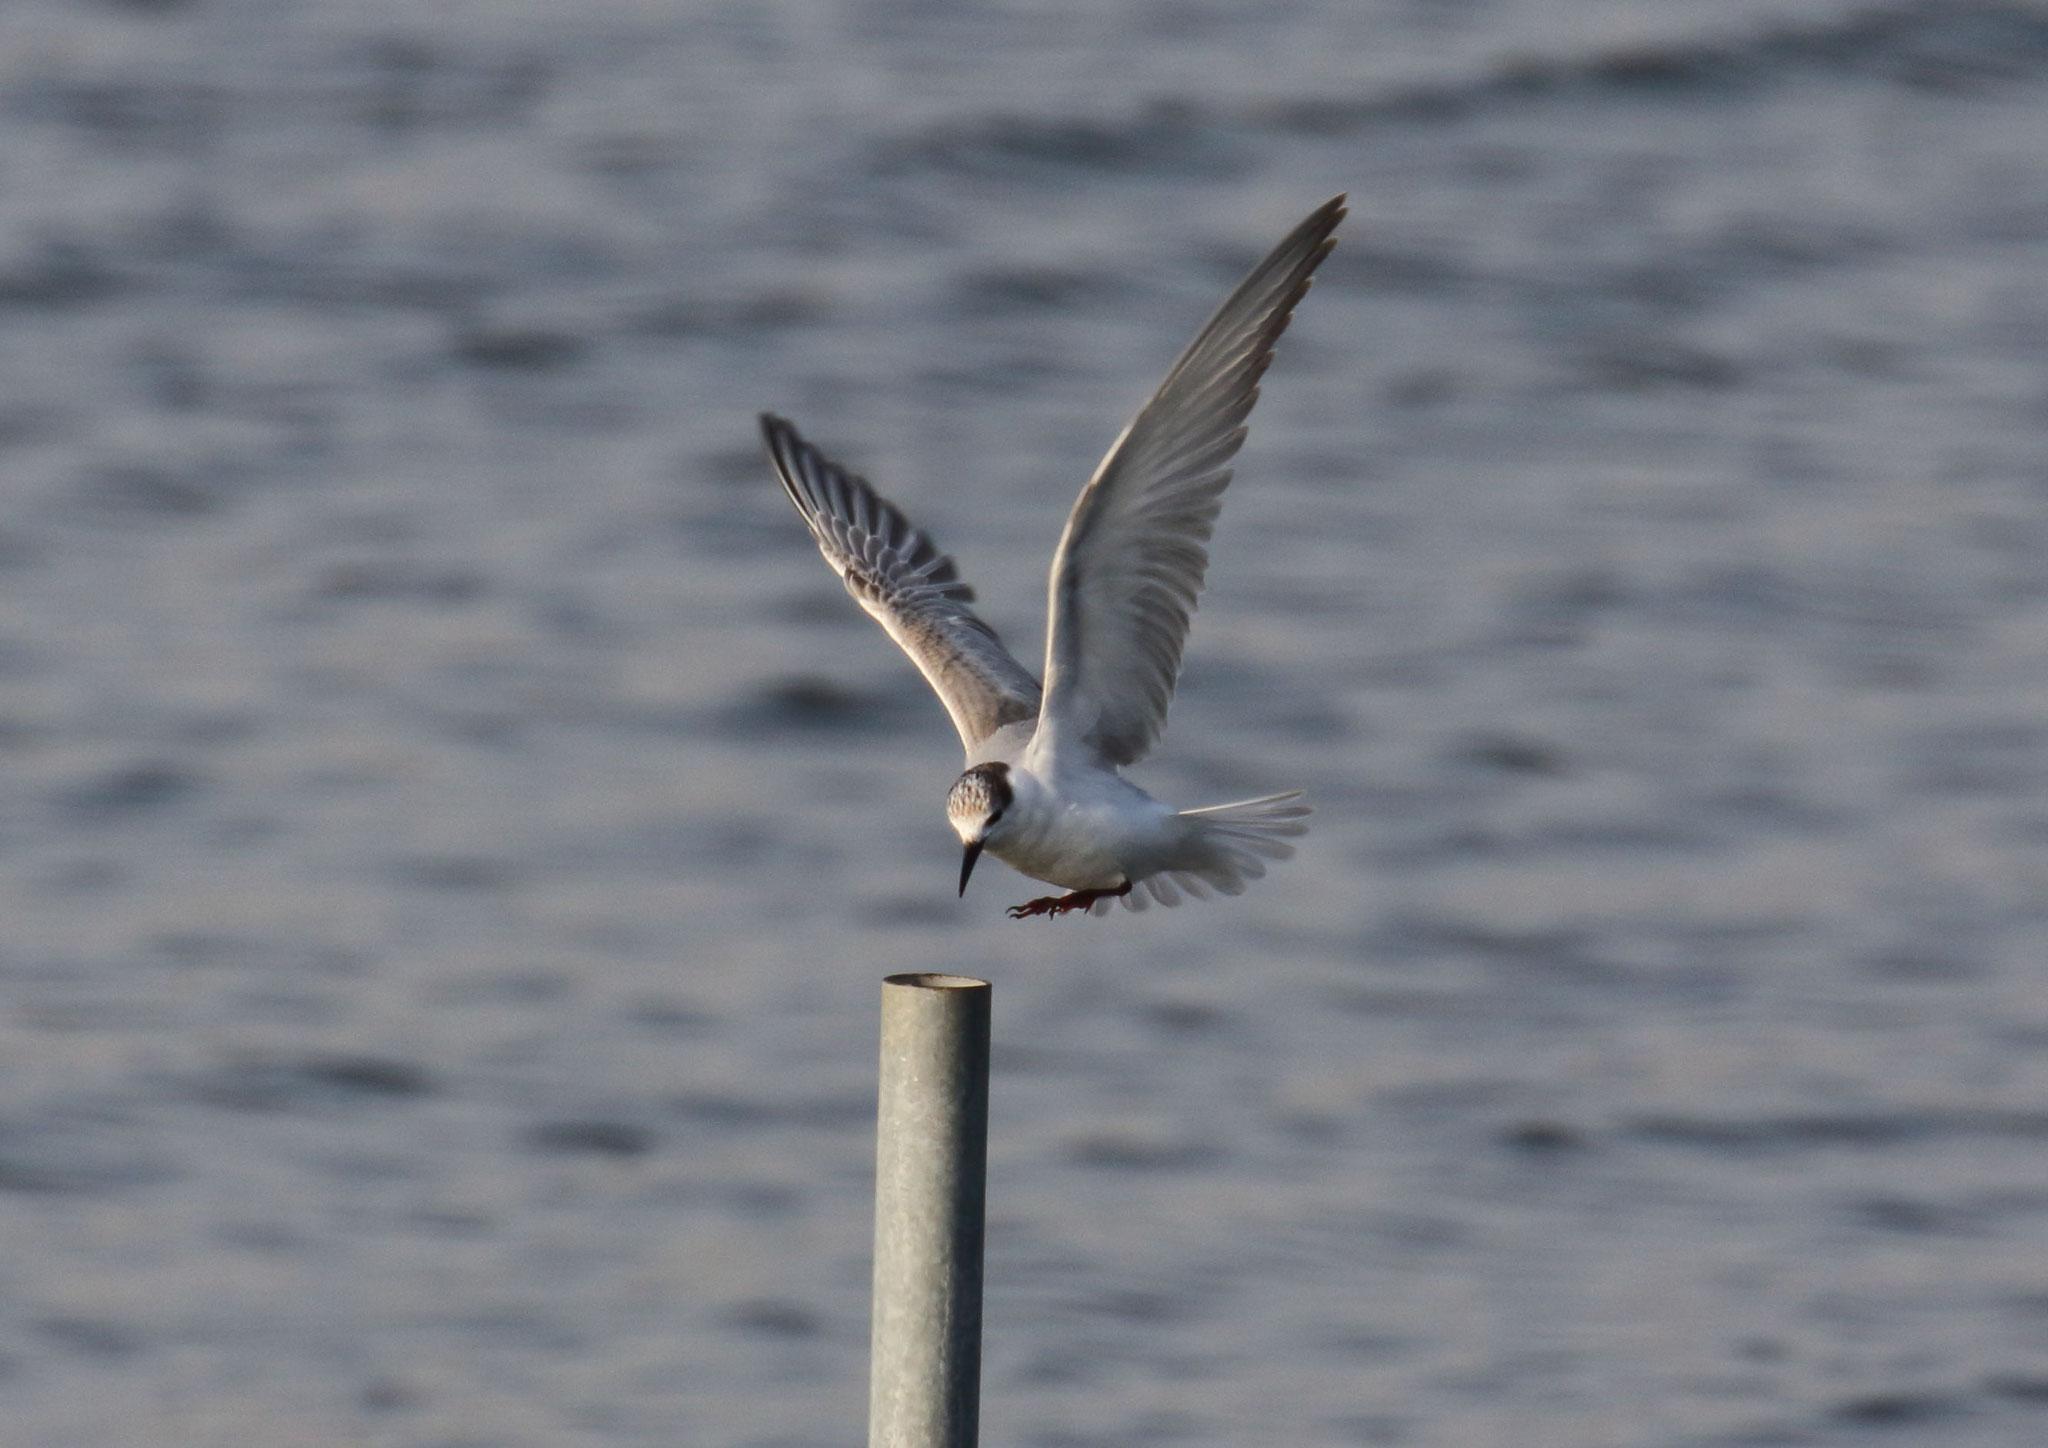 漁場に接した支柱に飛来 クロハラアジサシ 2021年2月 柏市郊外 沼の入江(漁場)に姿を見せたクロハラアジサシ